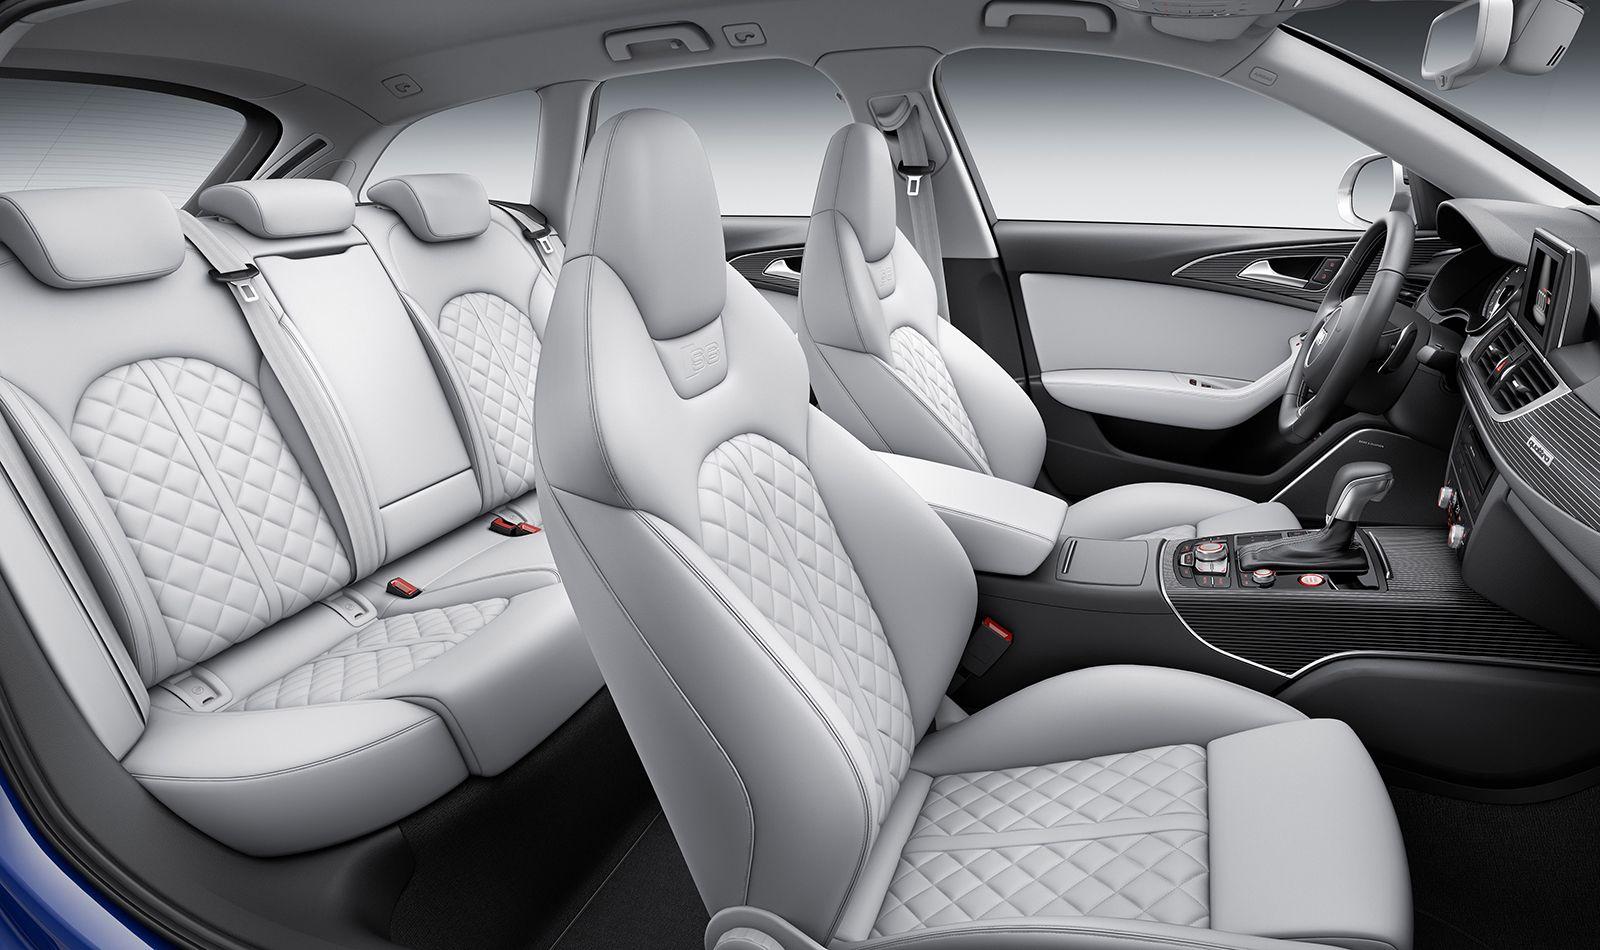 Innenraum des Audi S6 Avant mit weißen Ledersitzen